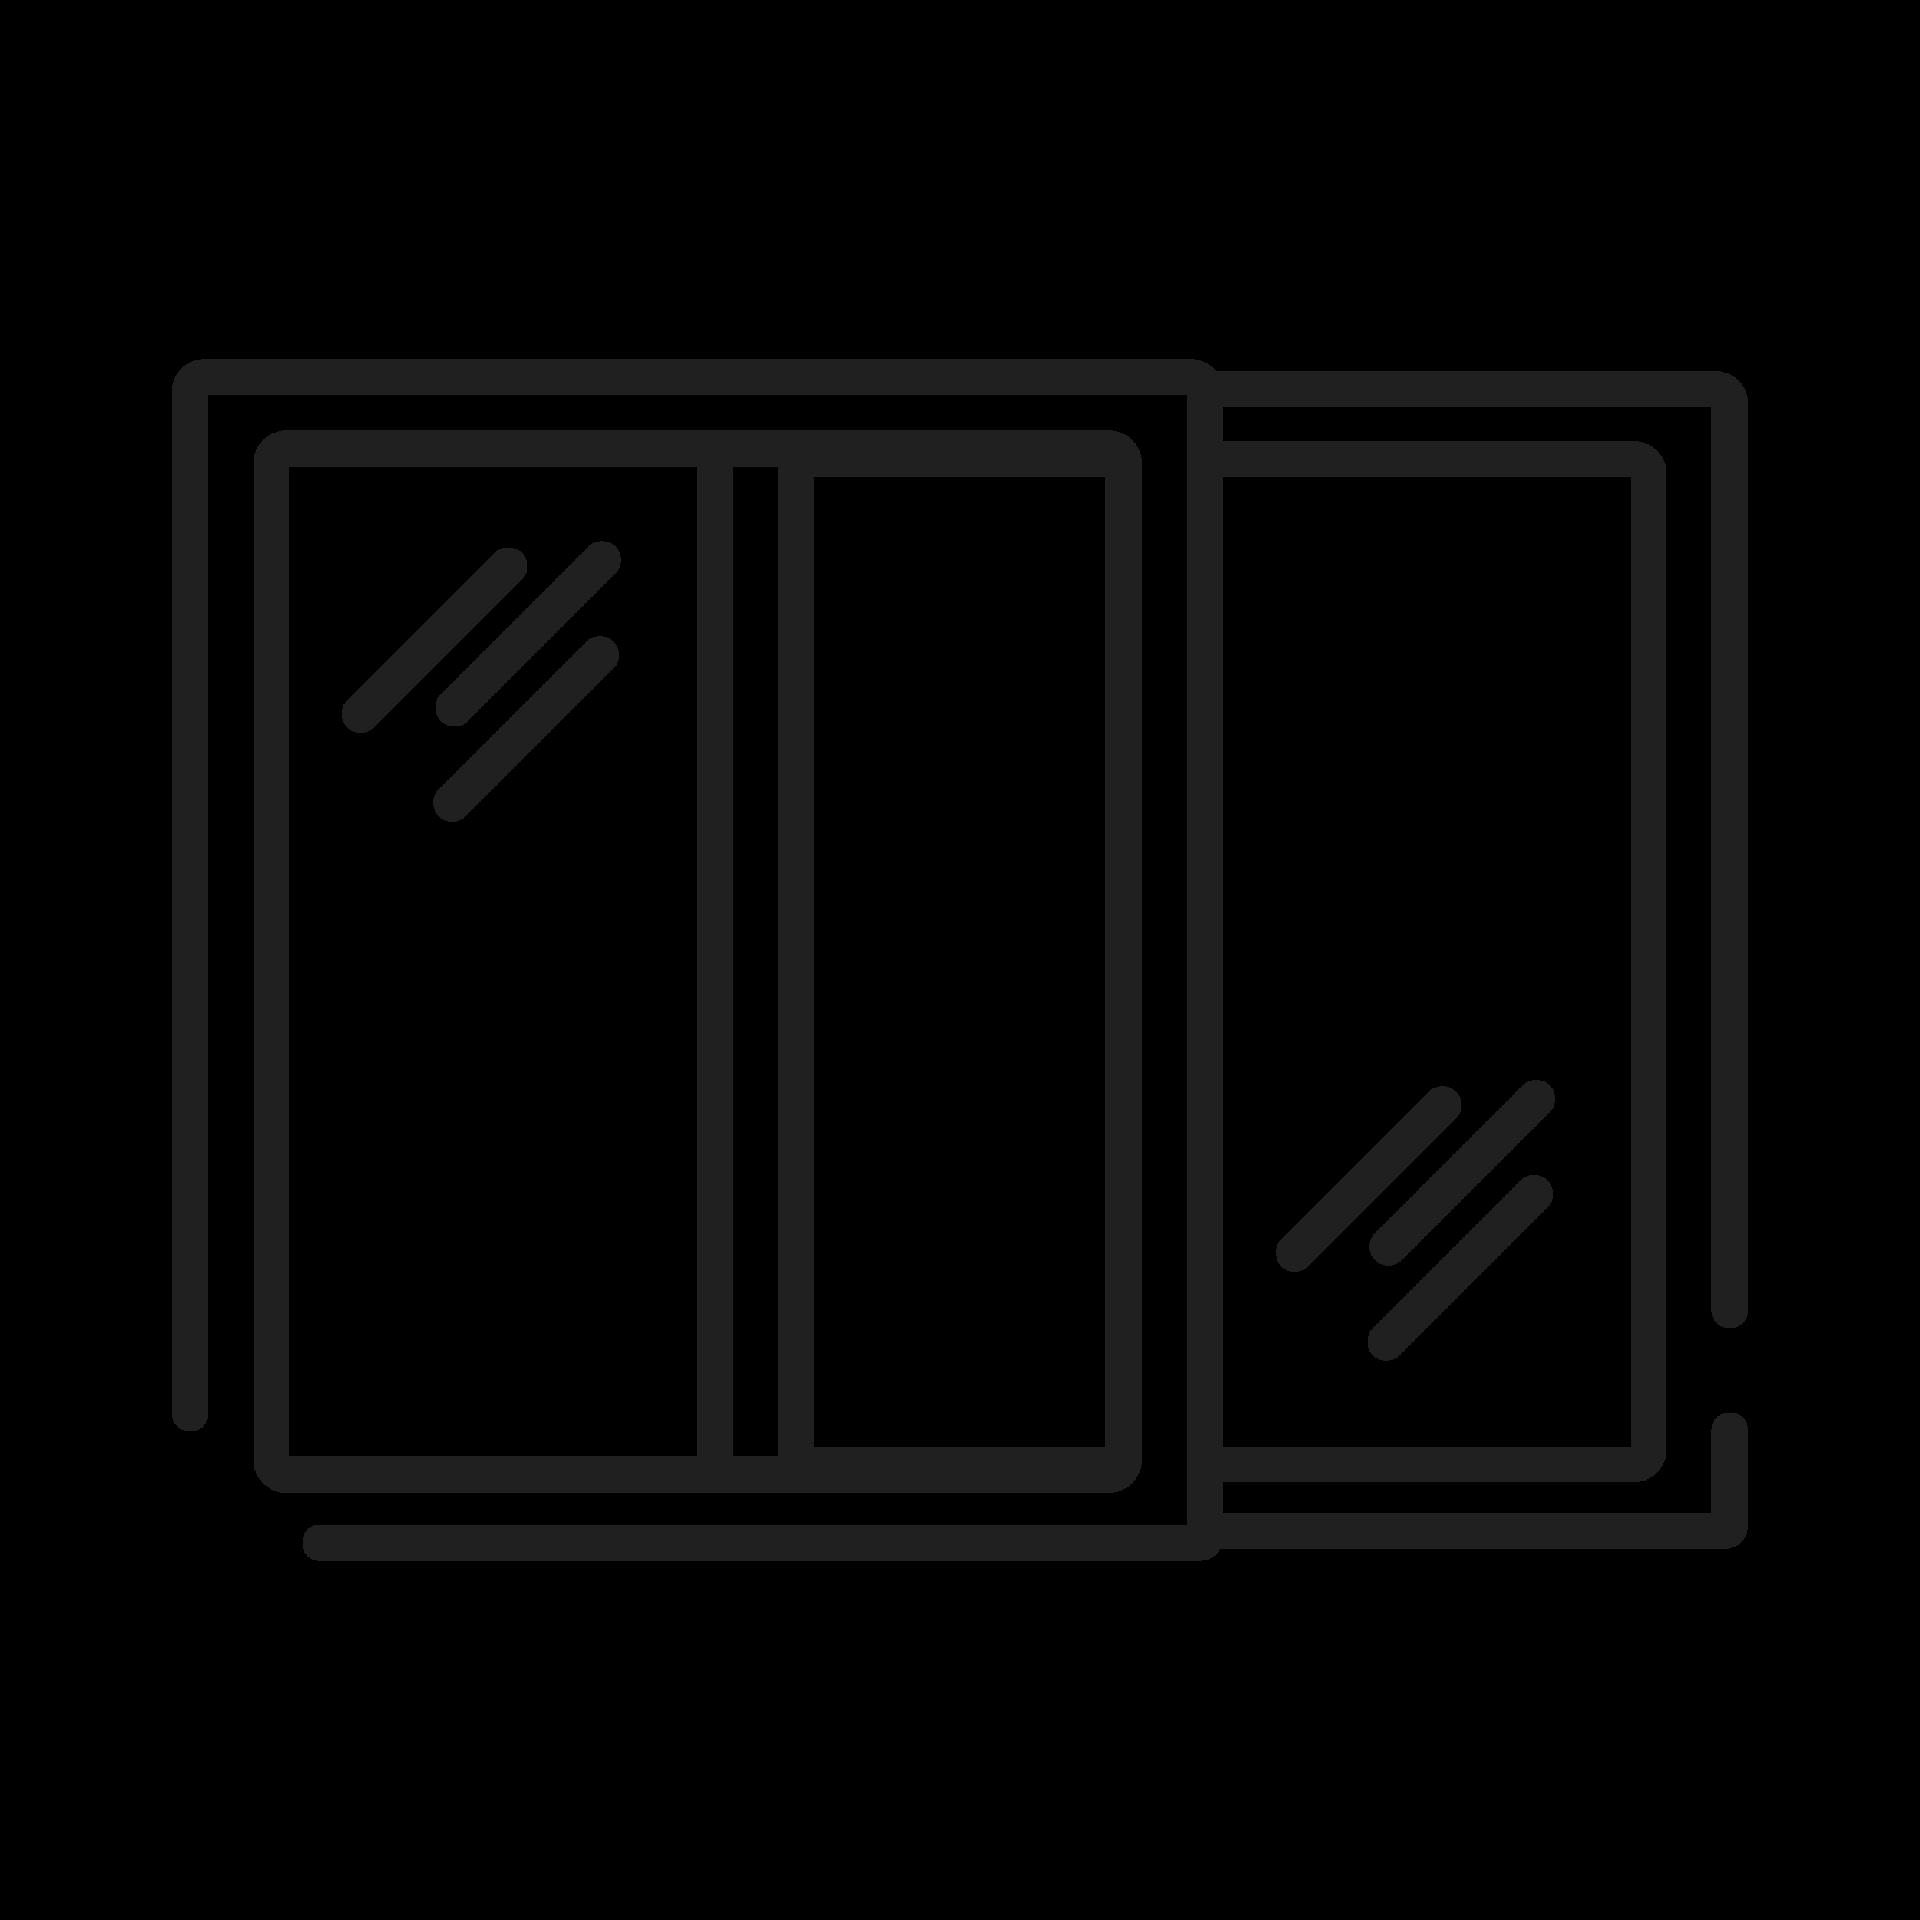 KM PLAST ikony-17